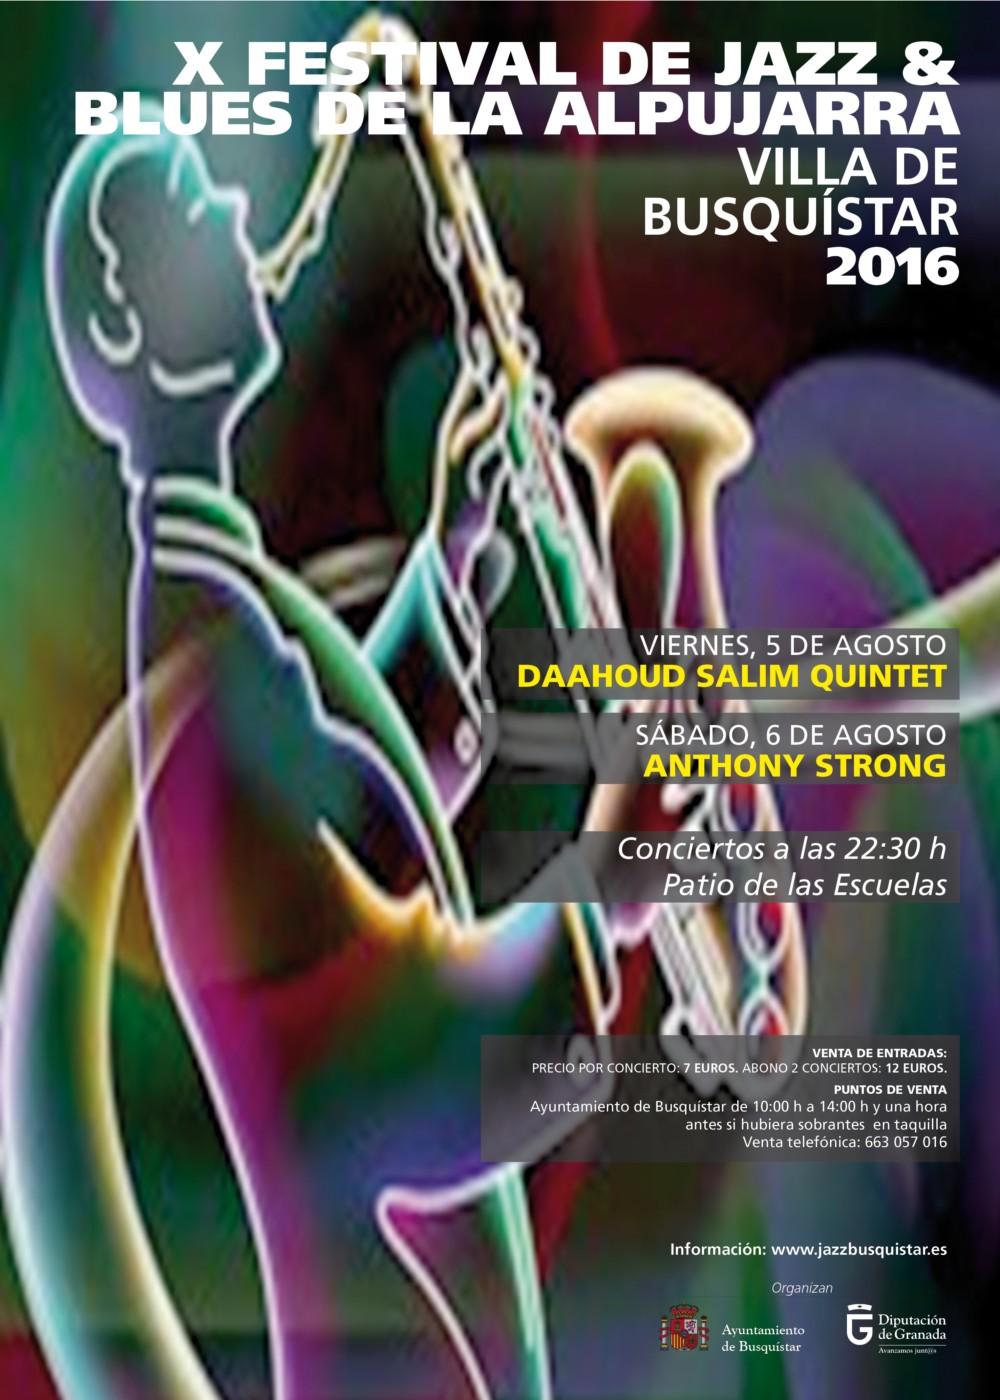 X Festival de Jazz & Blues de las Alpujarras Villa de Busquístar, 5 y 6 de agosto 2016.